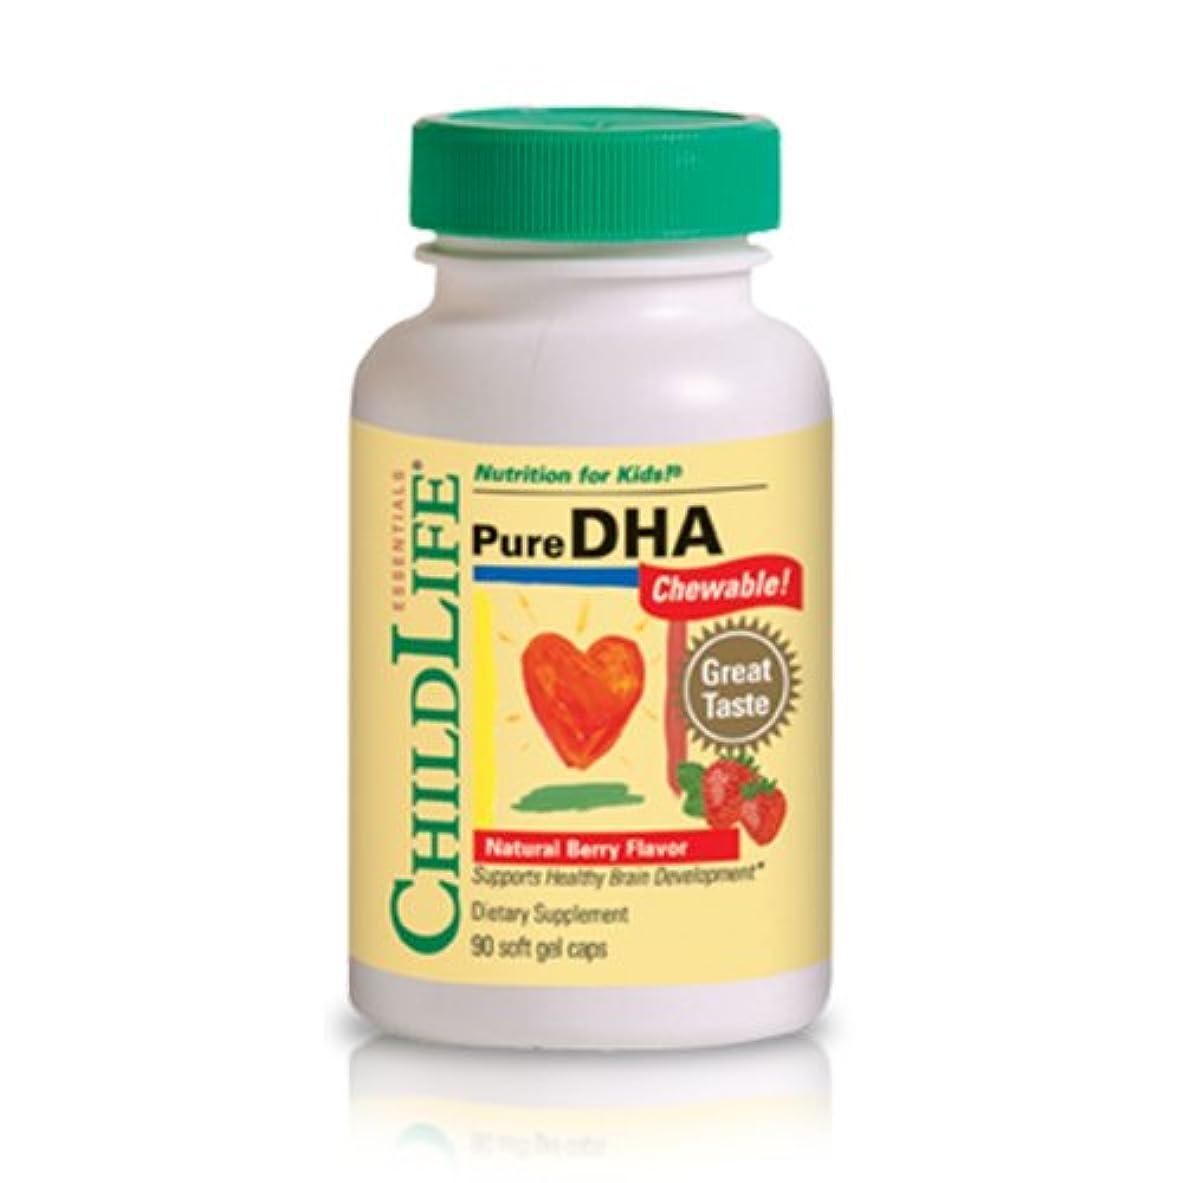 引く感じ平野海外直送品 Child Life Essentials Pure Dha, 90 Softgels 250 mg